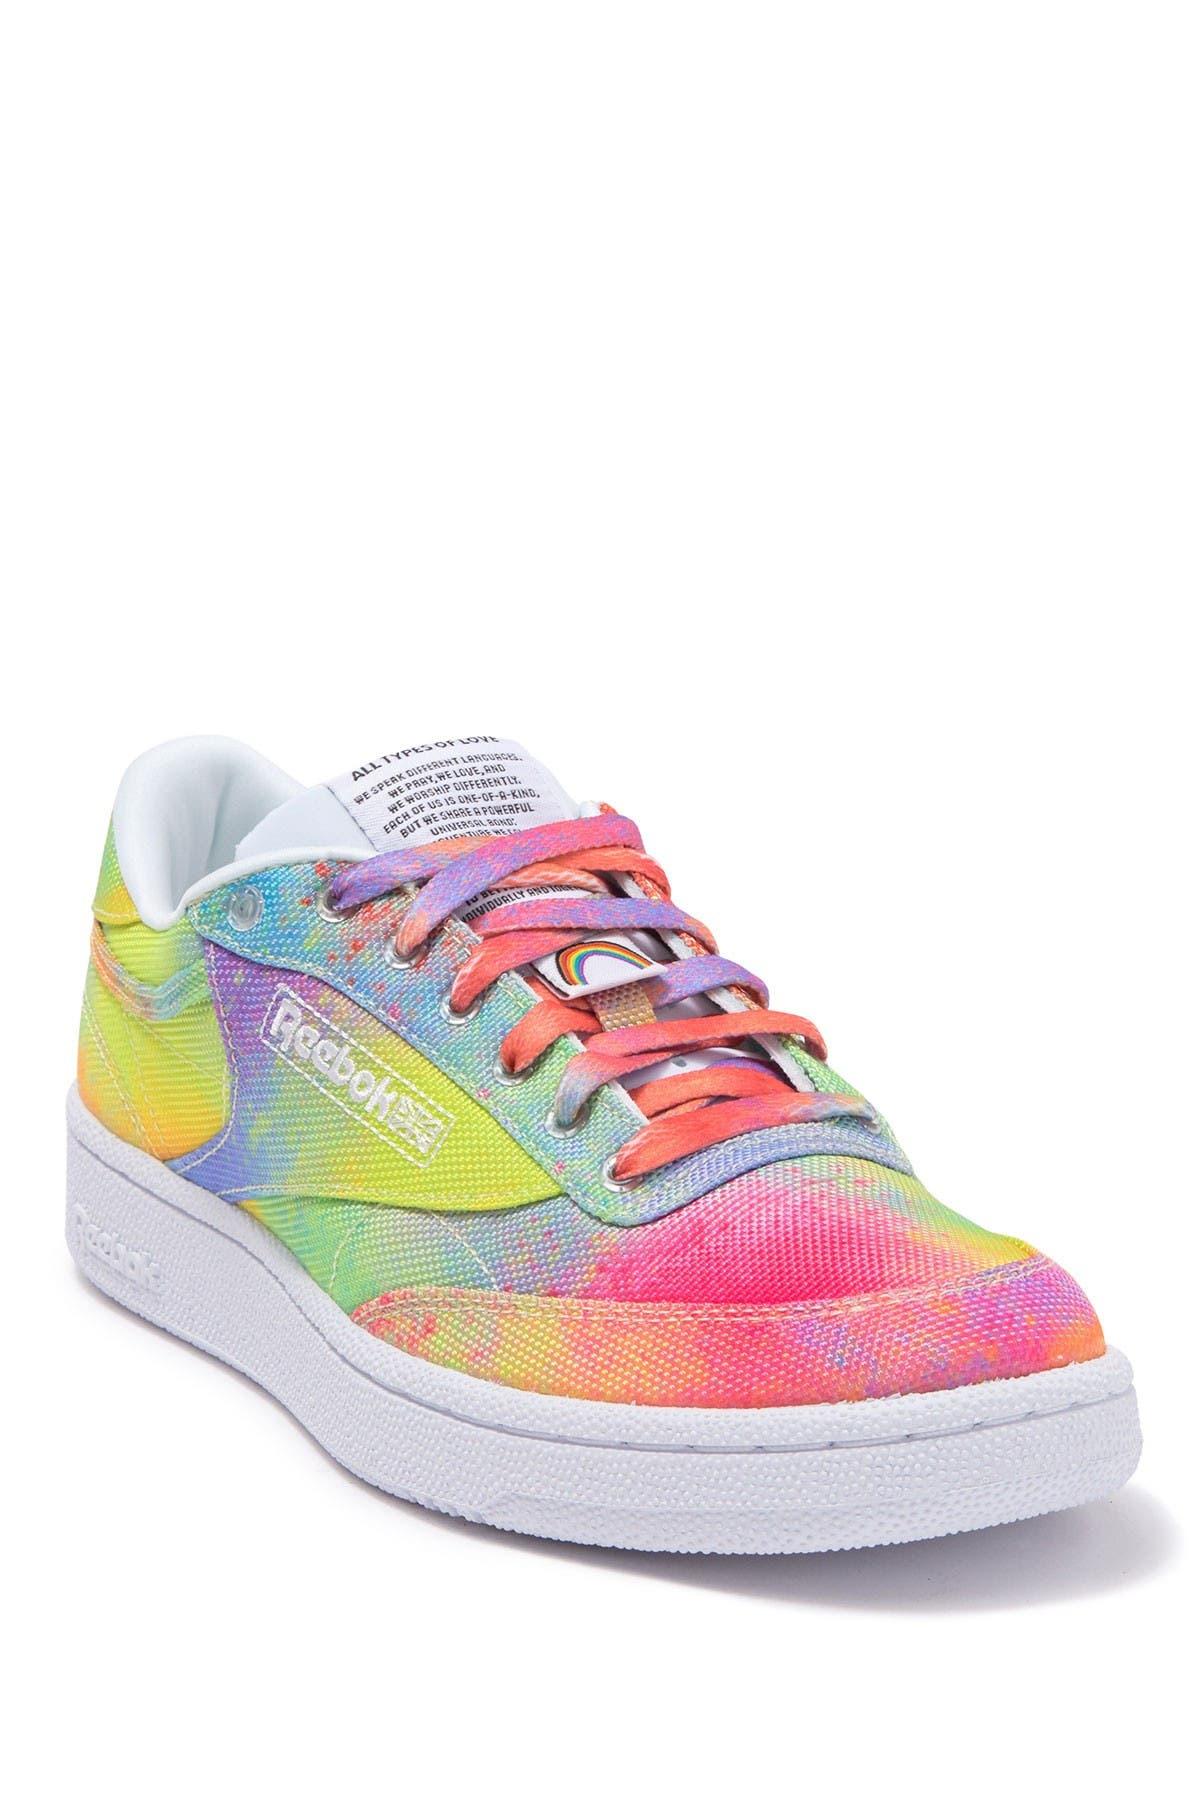 Image of Reebok Club C 85 Pride Sneaker